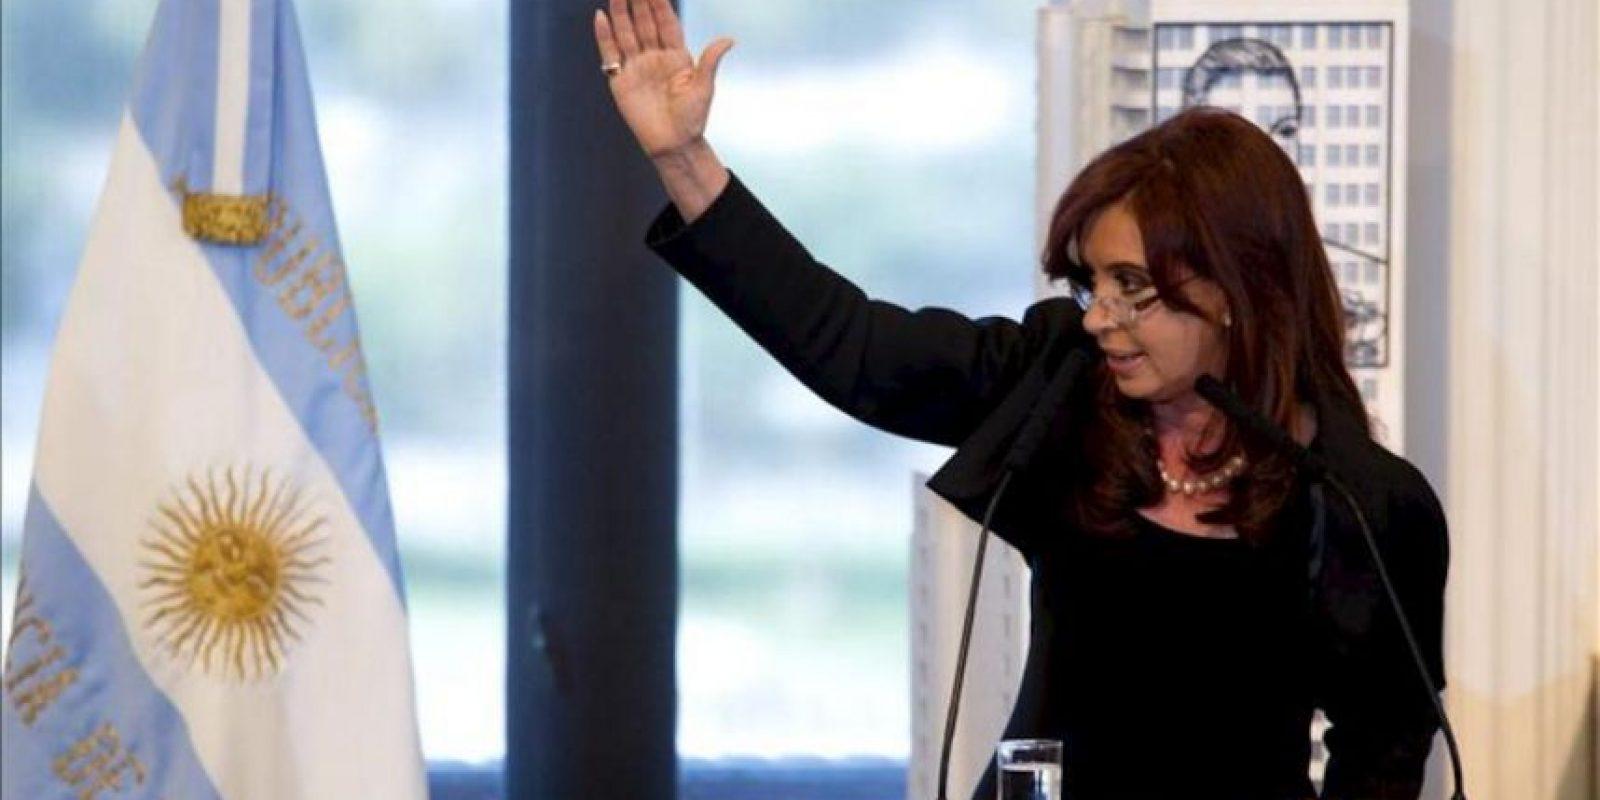 La presidenta de Argentina, Cristina Fernández de Kirchner, habla, este 16 de abril en Buenos Aires (Argentina). Fernández anunció la utilidad pública y sujeto a expropiación del 51% del patrimonio de la petrolera YPF, controlada por la española Repsol. EFE